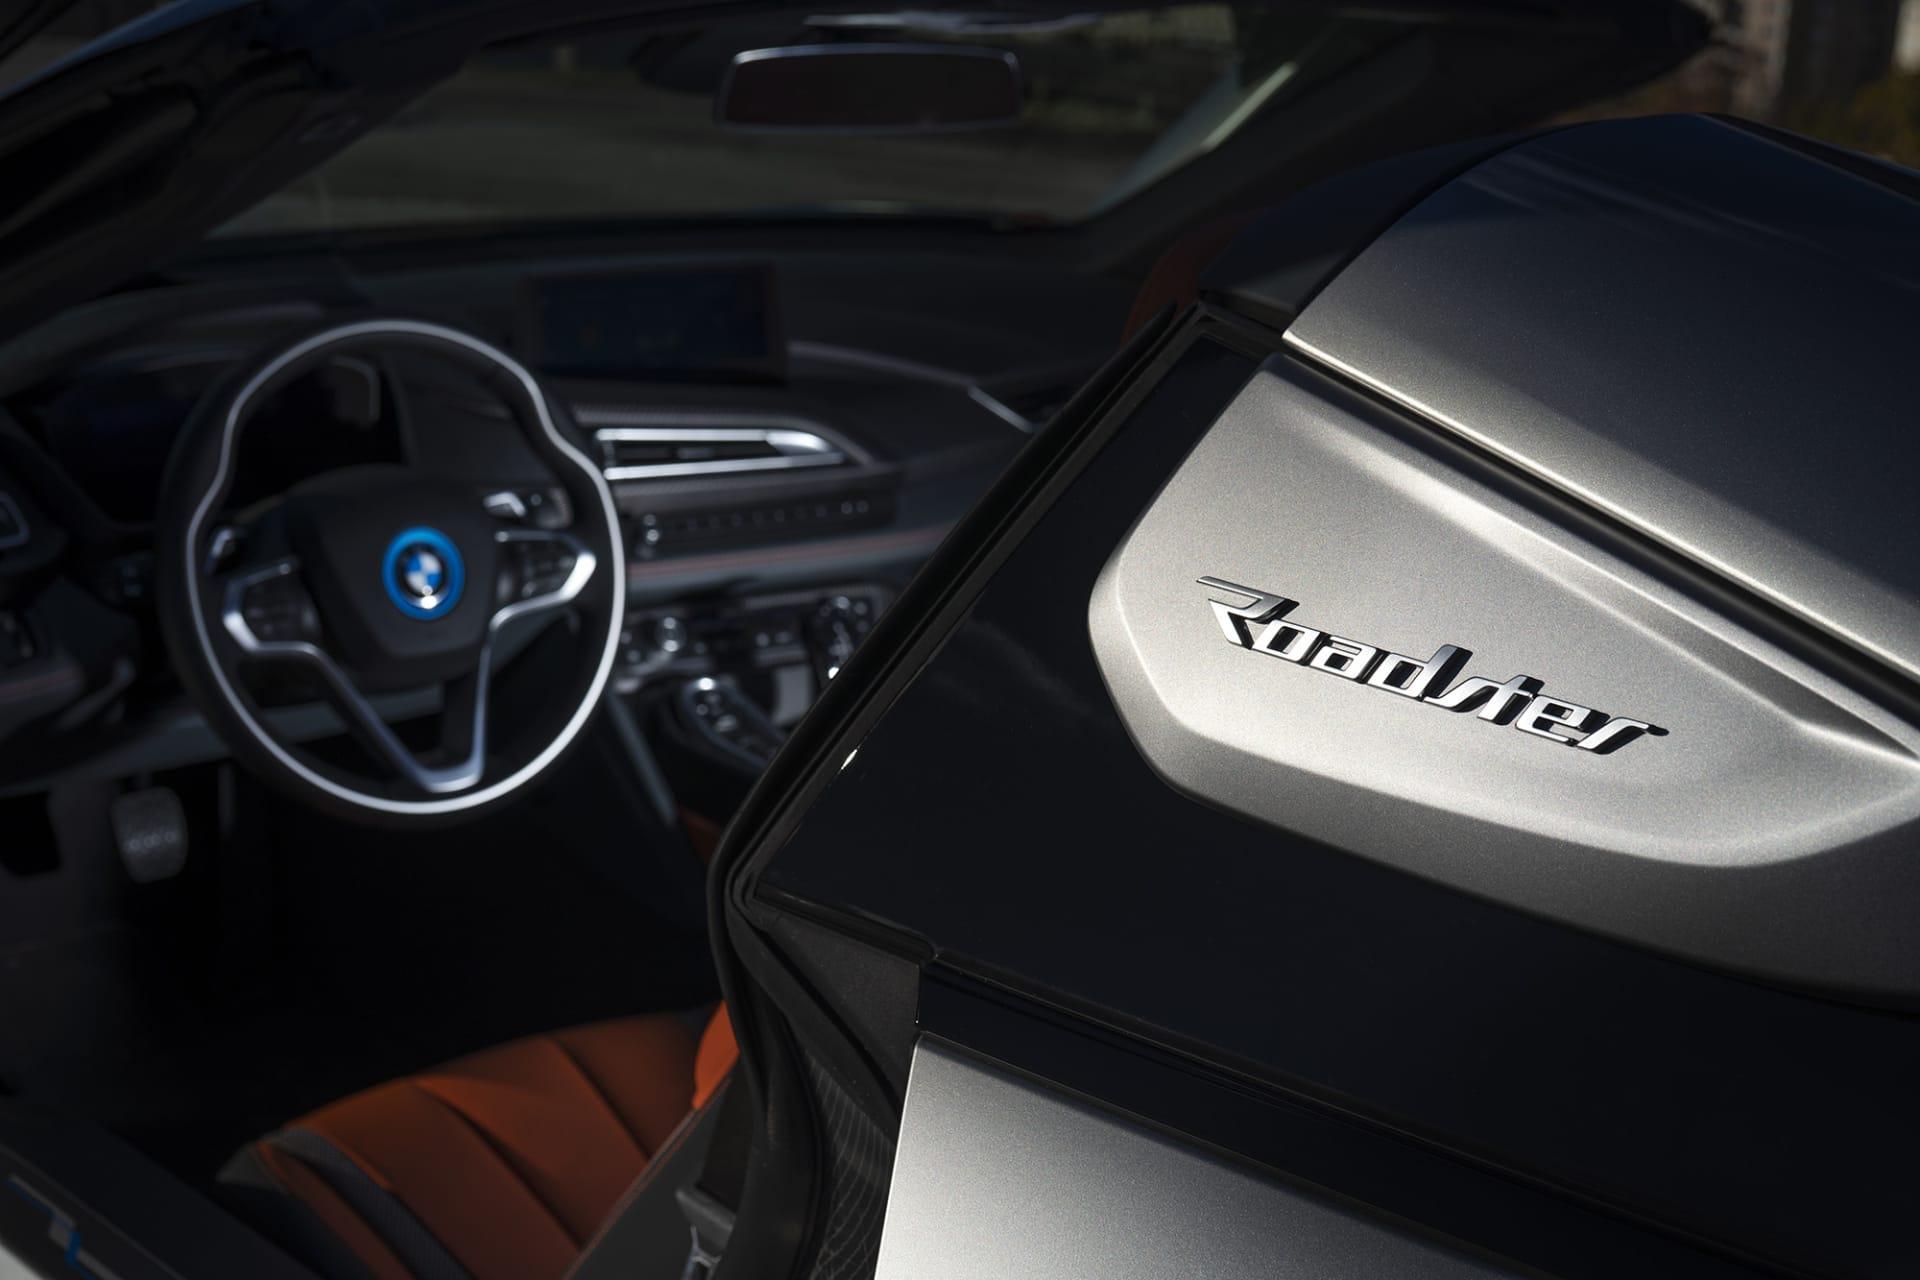 När i8 visades upp som koncept var den taklös men det var först 2018 Roadsterversionen kom i och med faceliften.